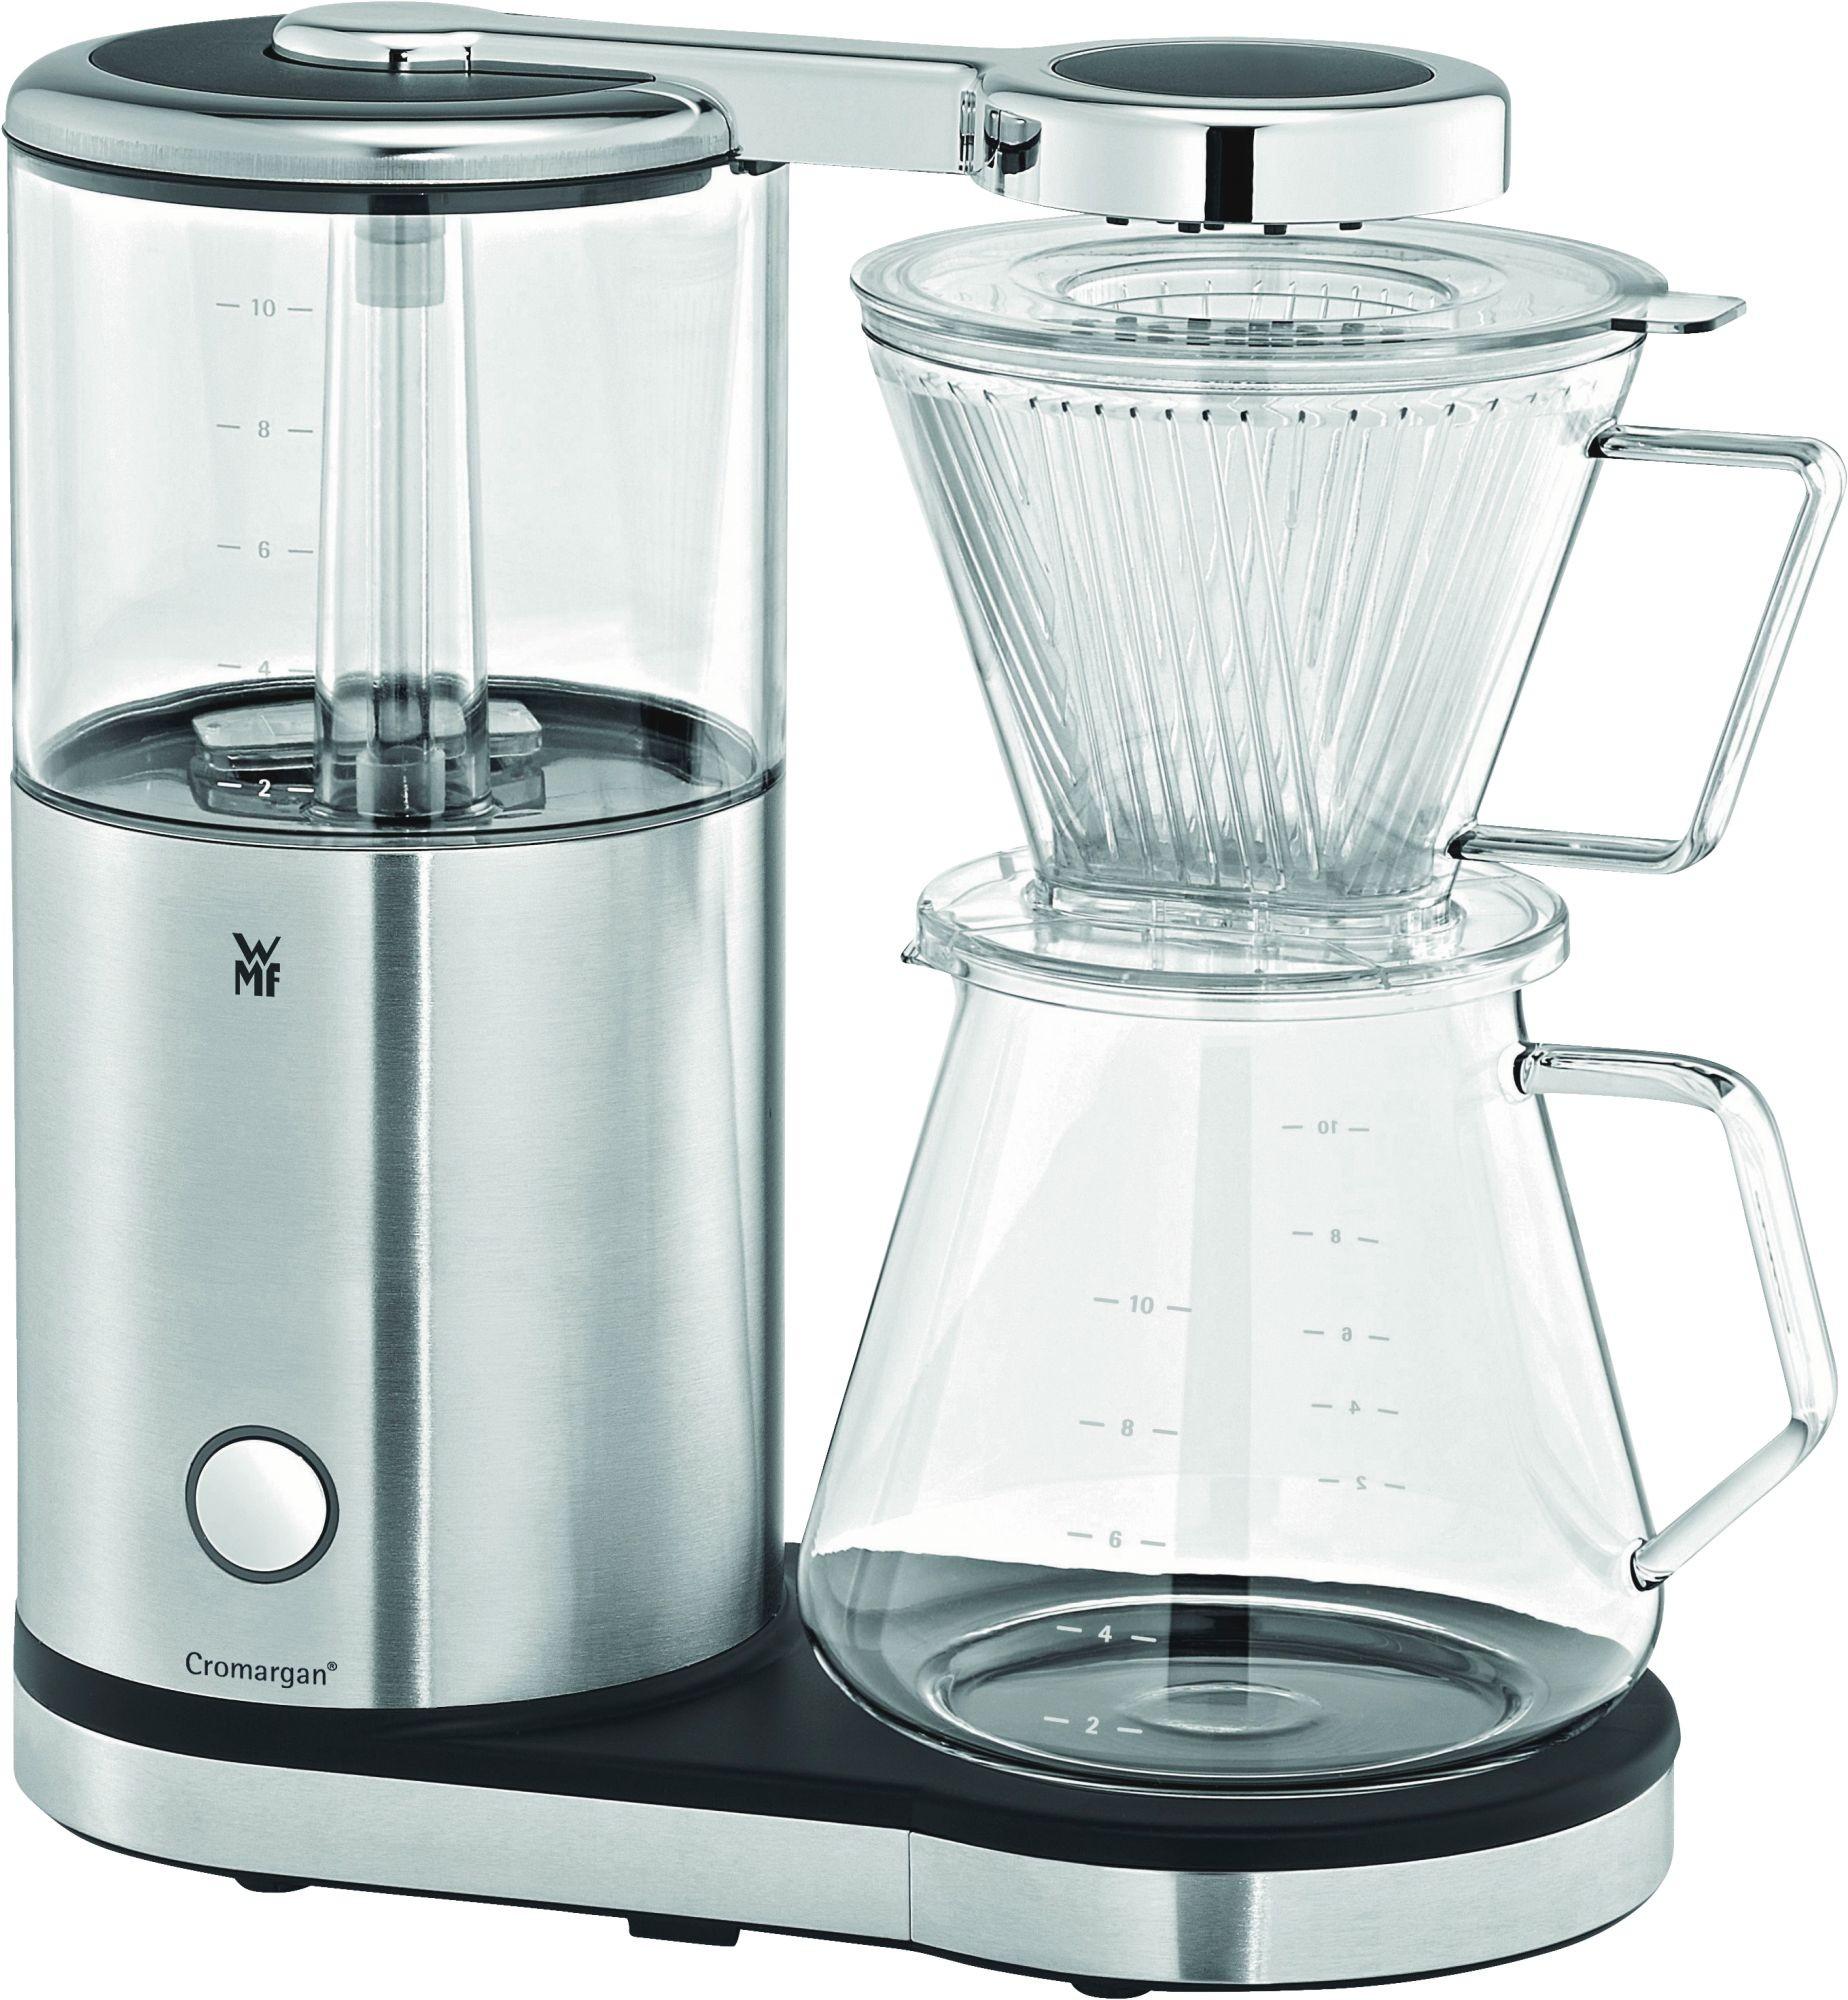 teamsix aromamaster kaffeemaschine glas cromargan wmf. Black Bedroom Furniture Sets. Home Design Ideas